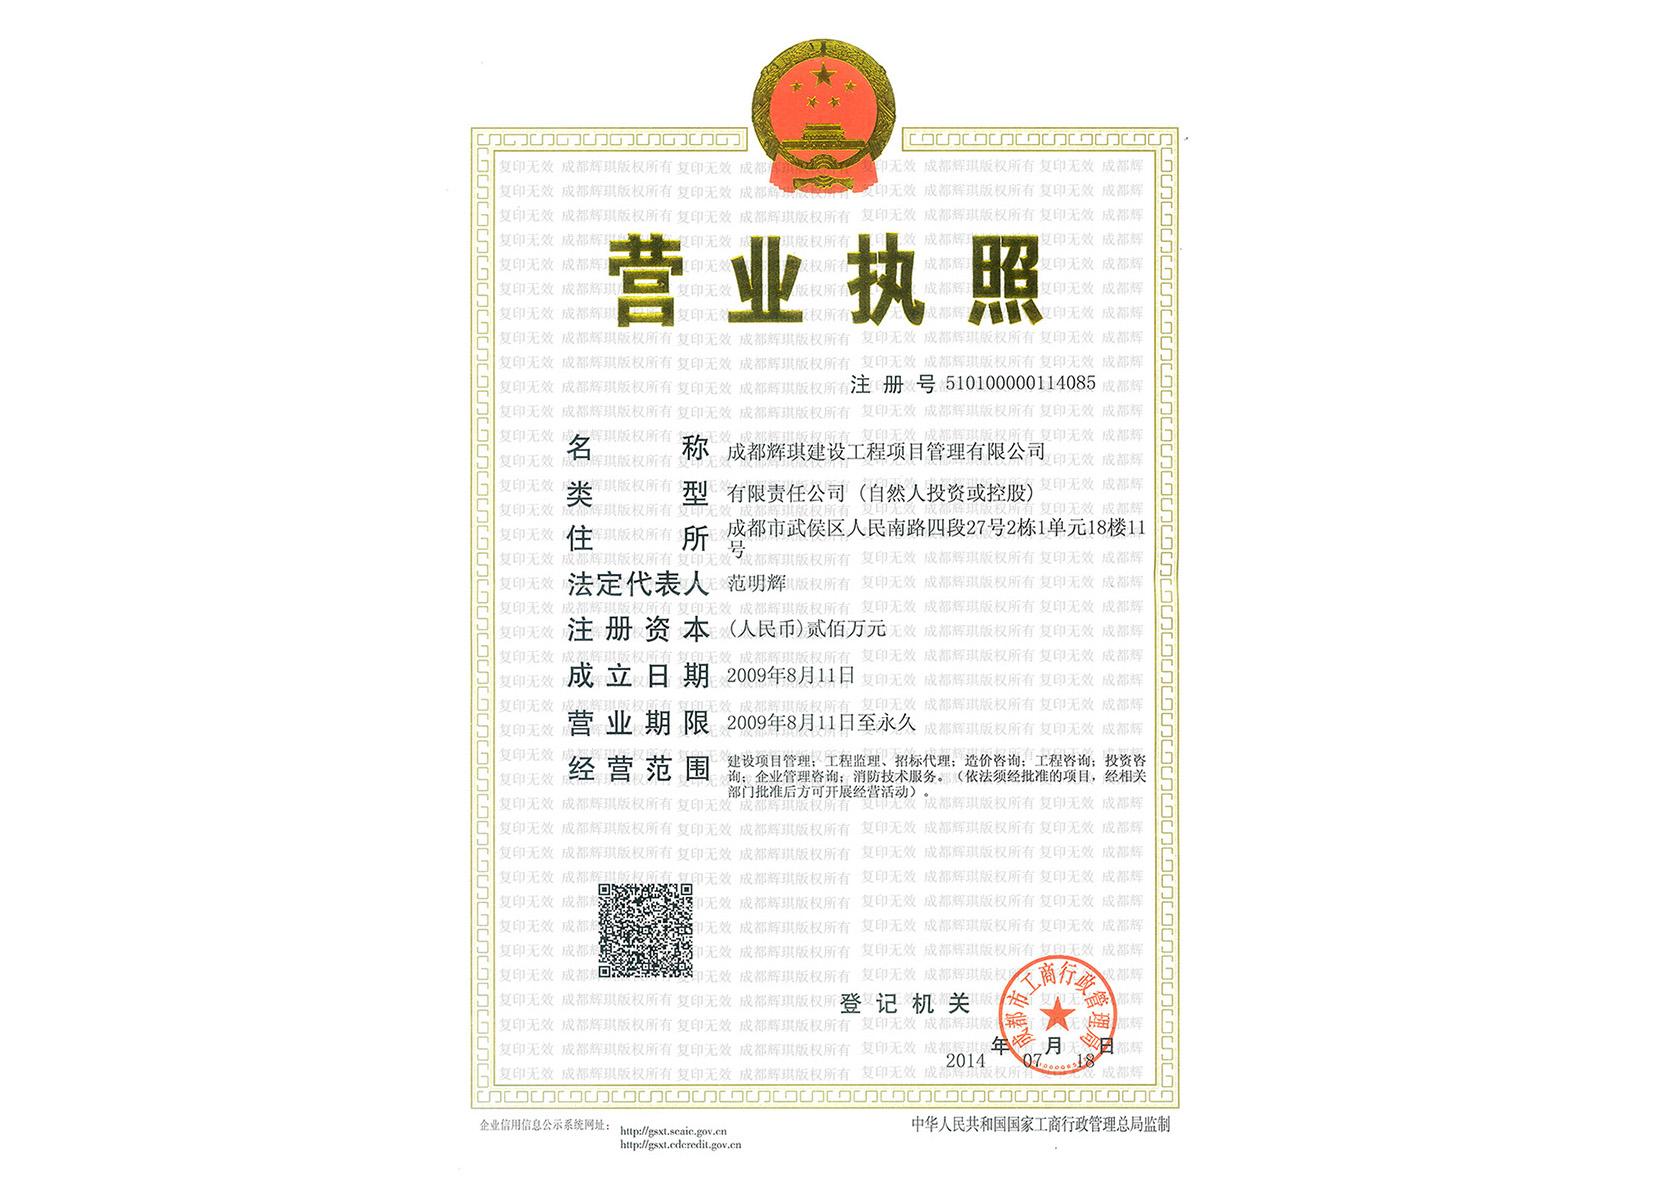 成都辉琪建设工程项目管理有限公司